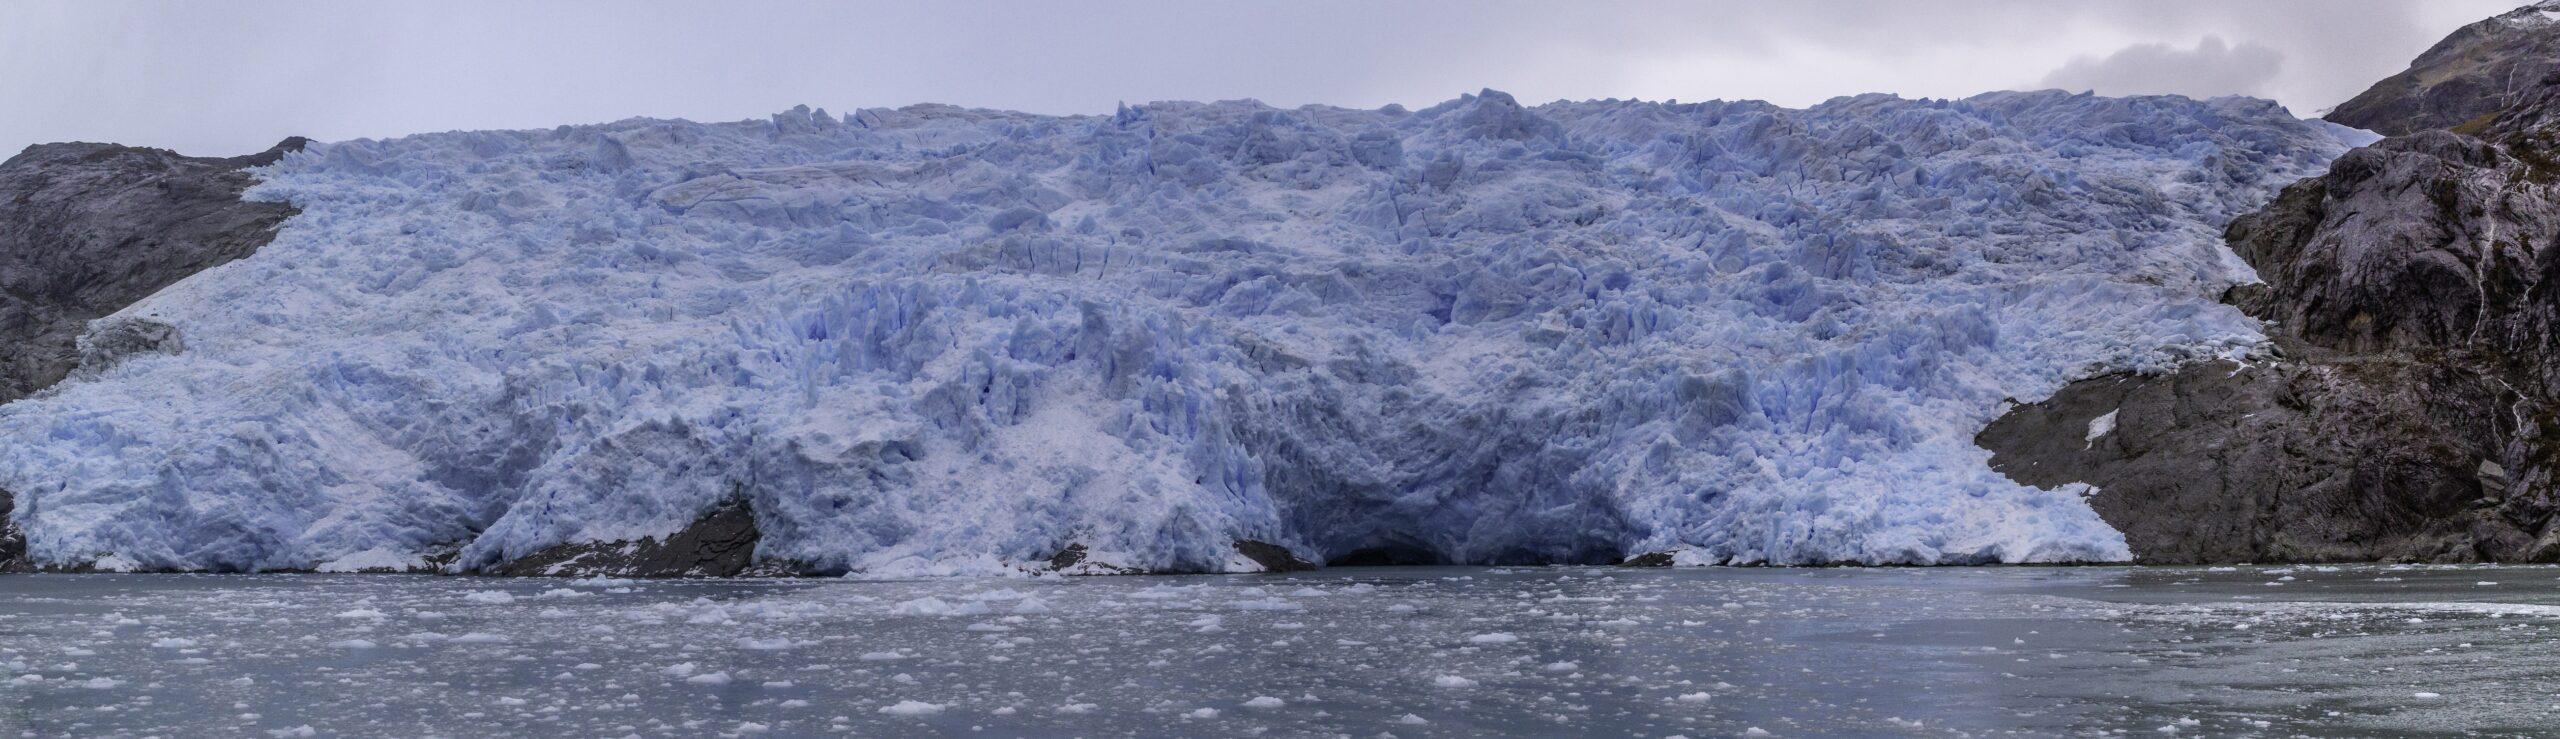 Glaciar Sarmiento de Gamboa